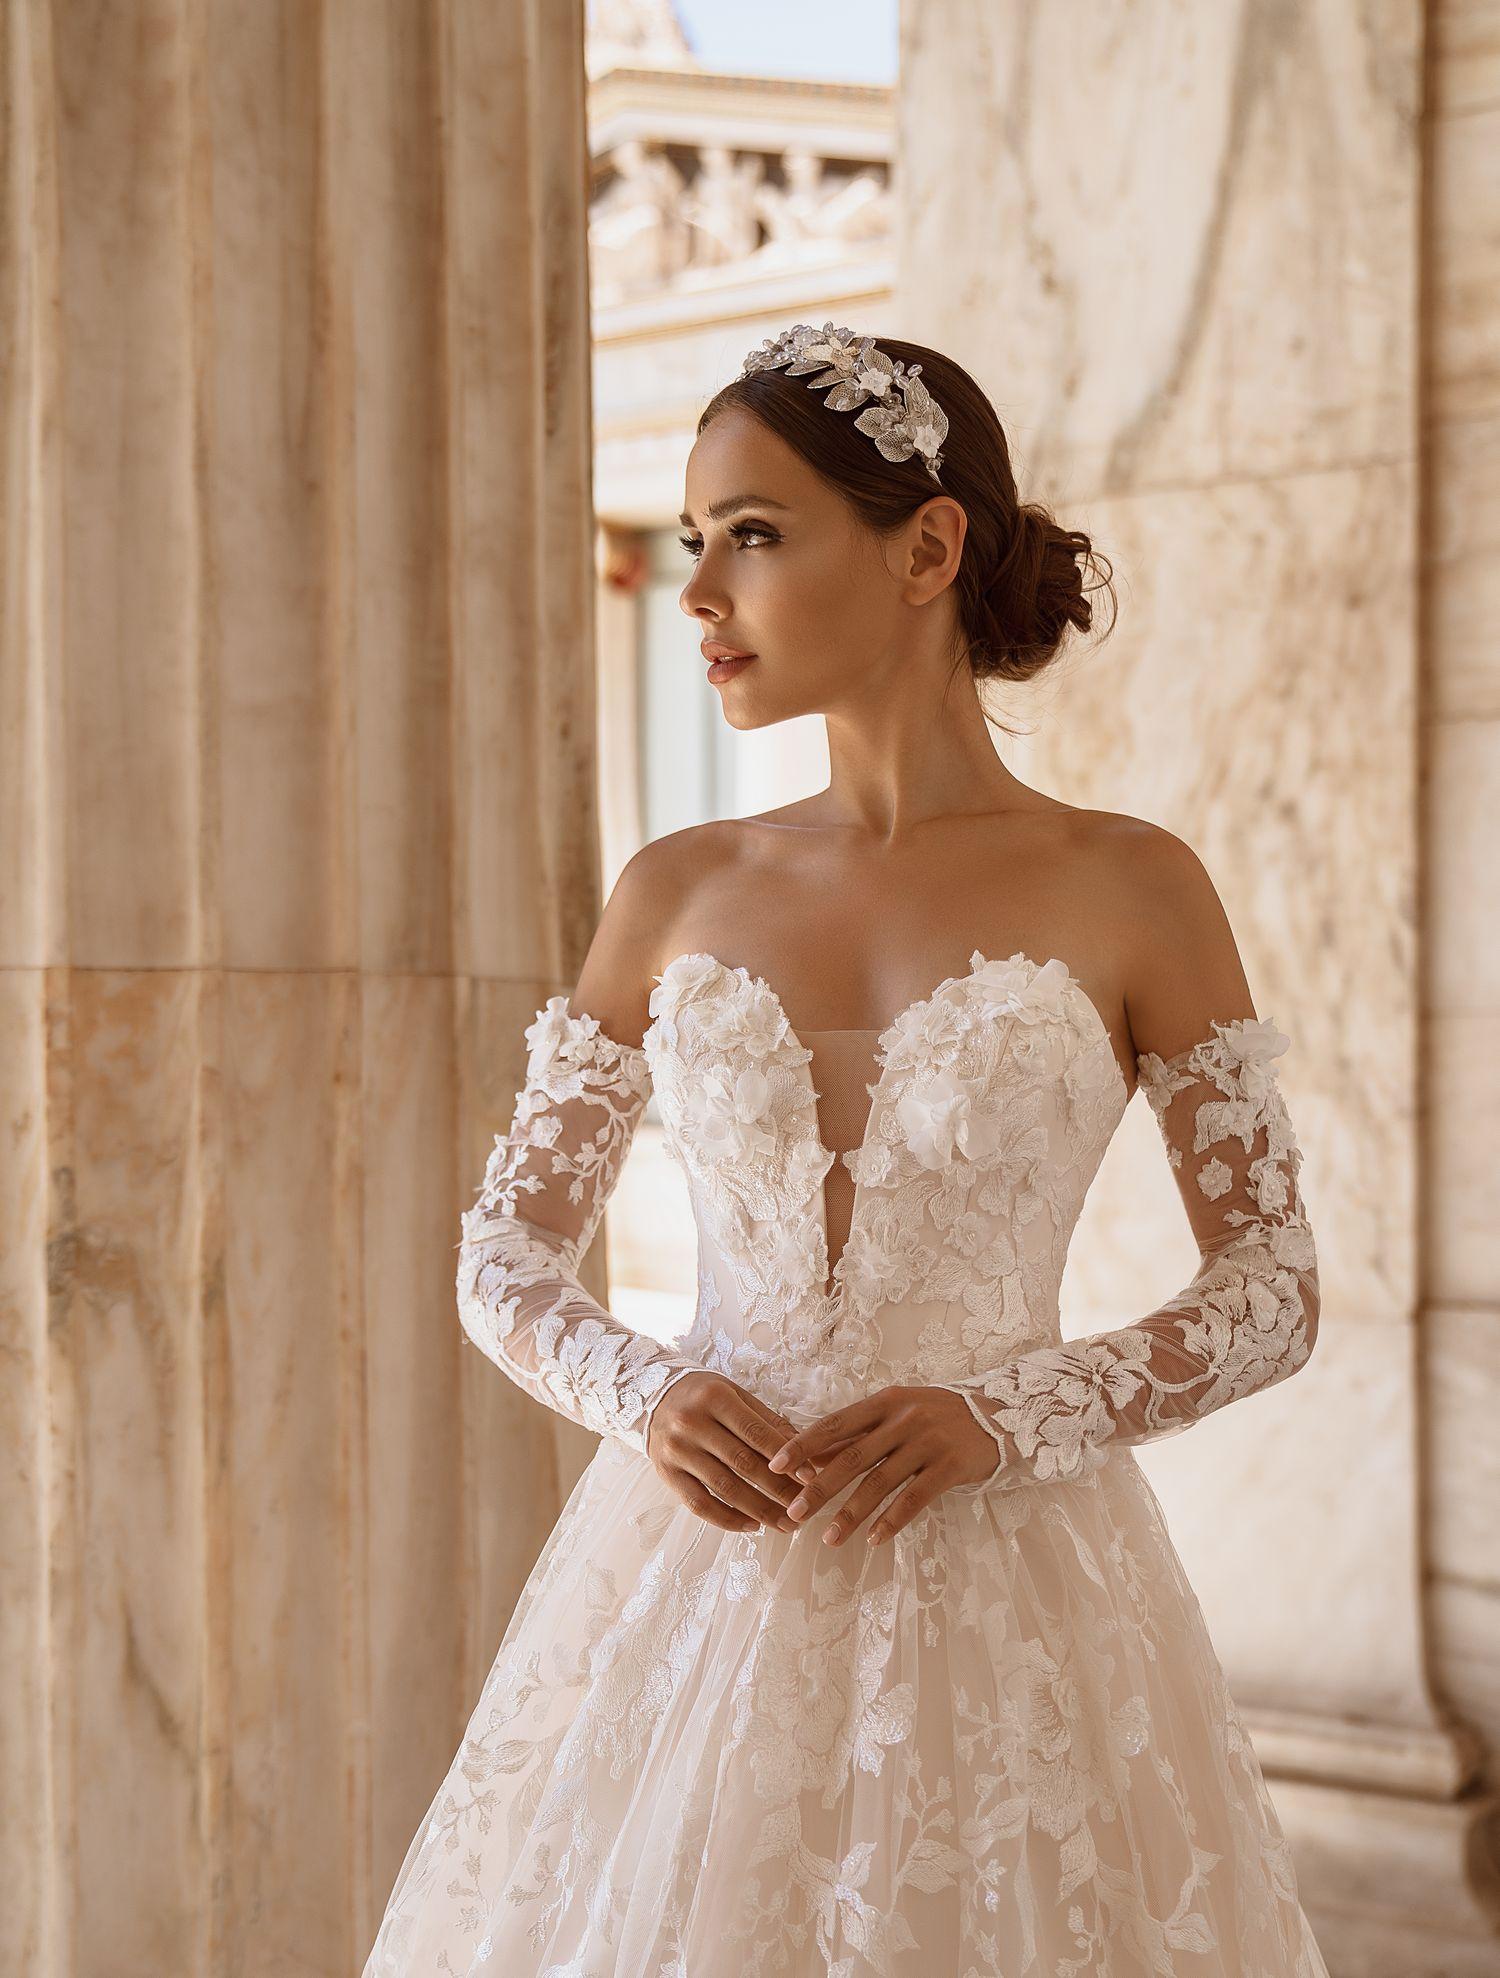 Весільна сукня з відкритими плечима від виробника Supernova оптом-1